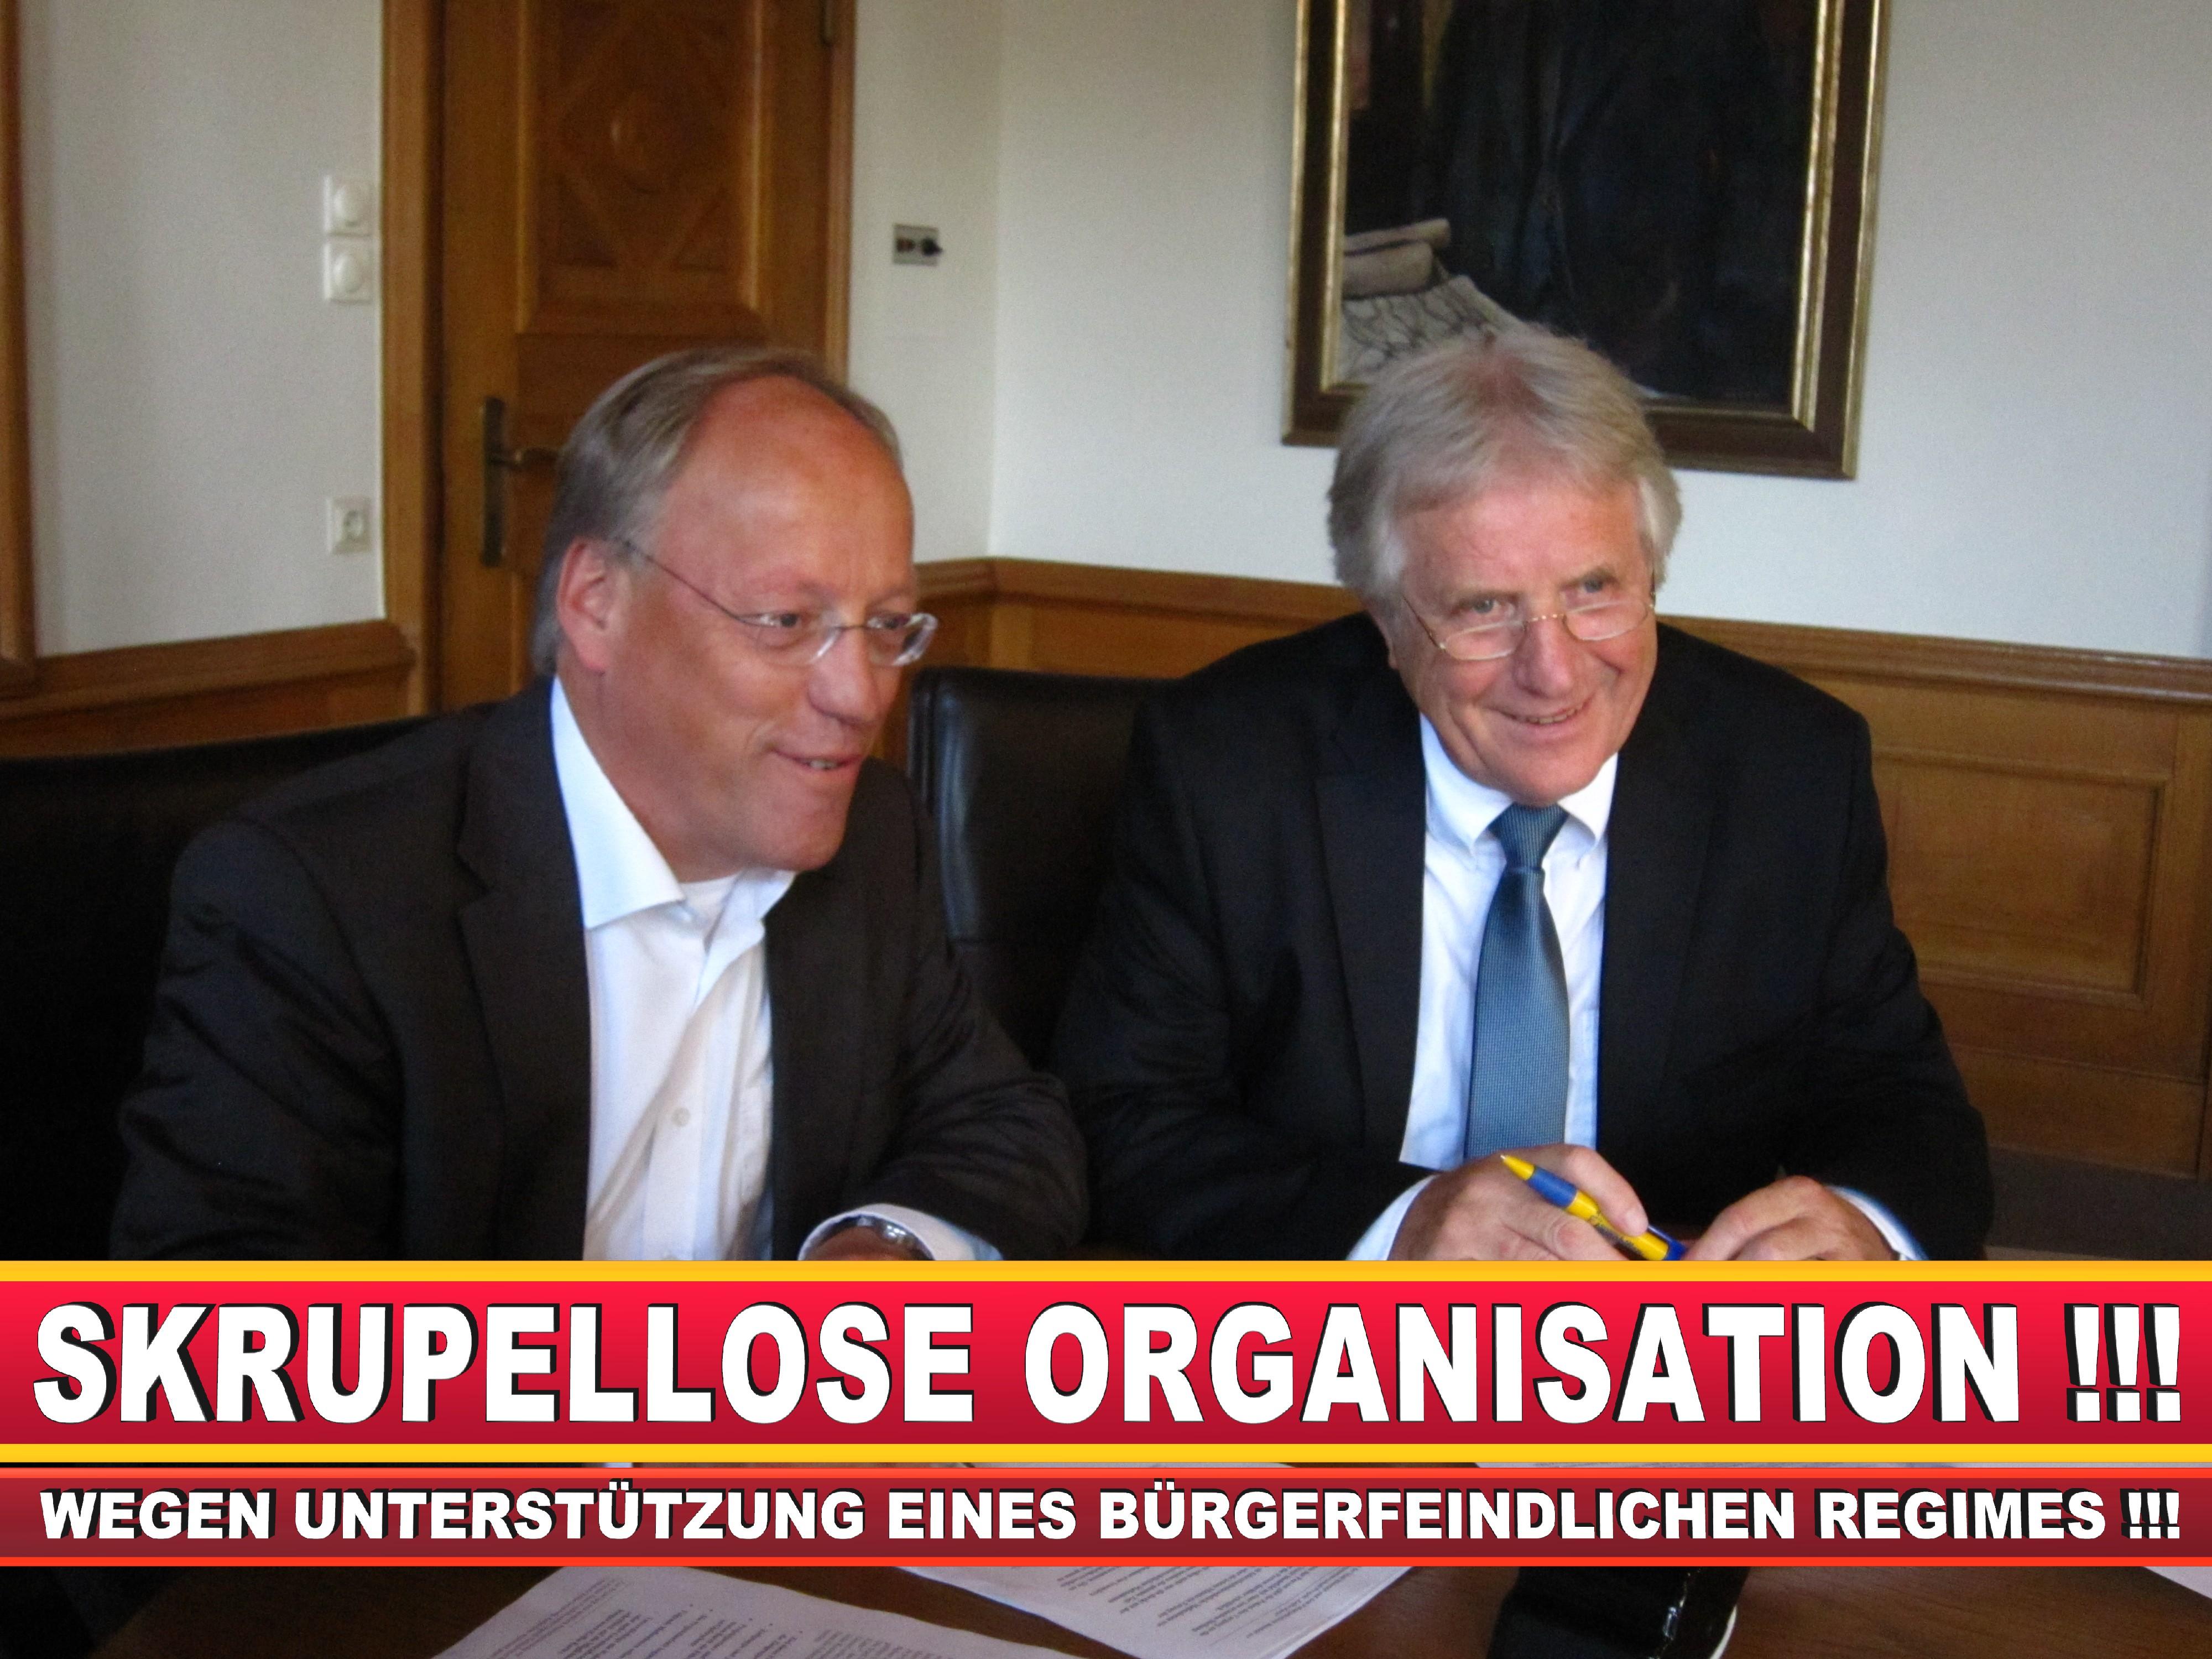 Polizeipräsident Erwin Südfeld Bielefeld Oberbürgermeister Bürgermeister Peter Clausen Pit Clausen Bielefeld (67)